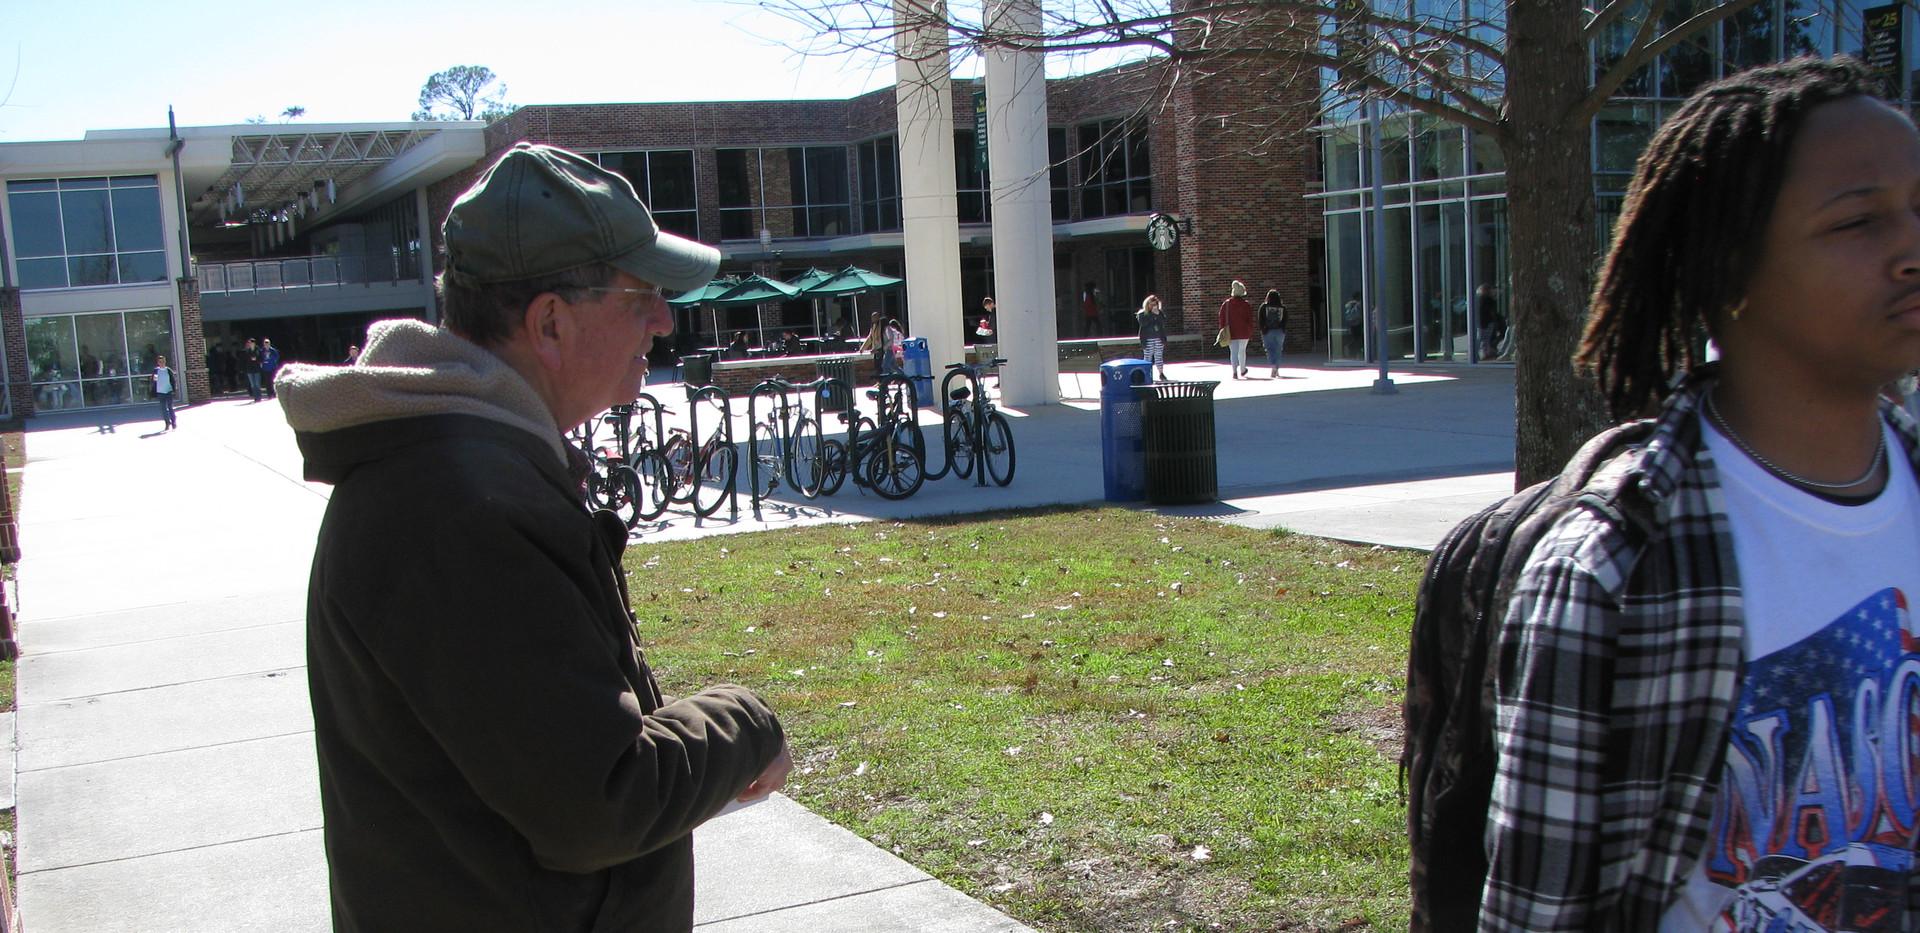 11. Richard Kellar distributing What Tim